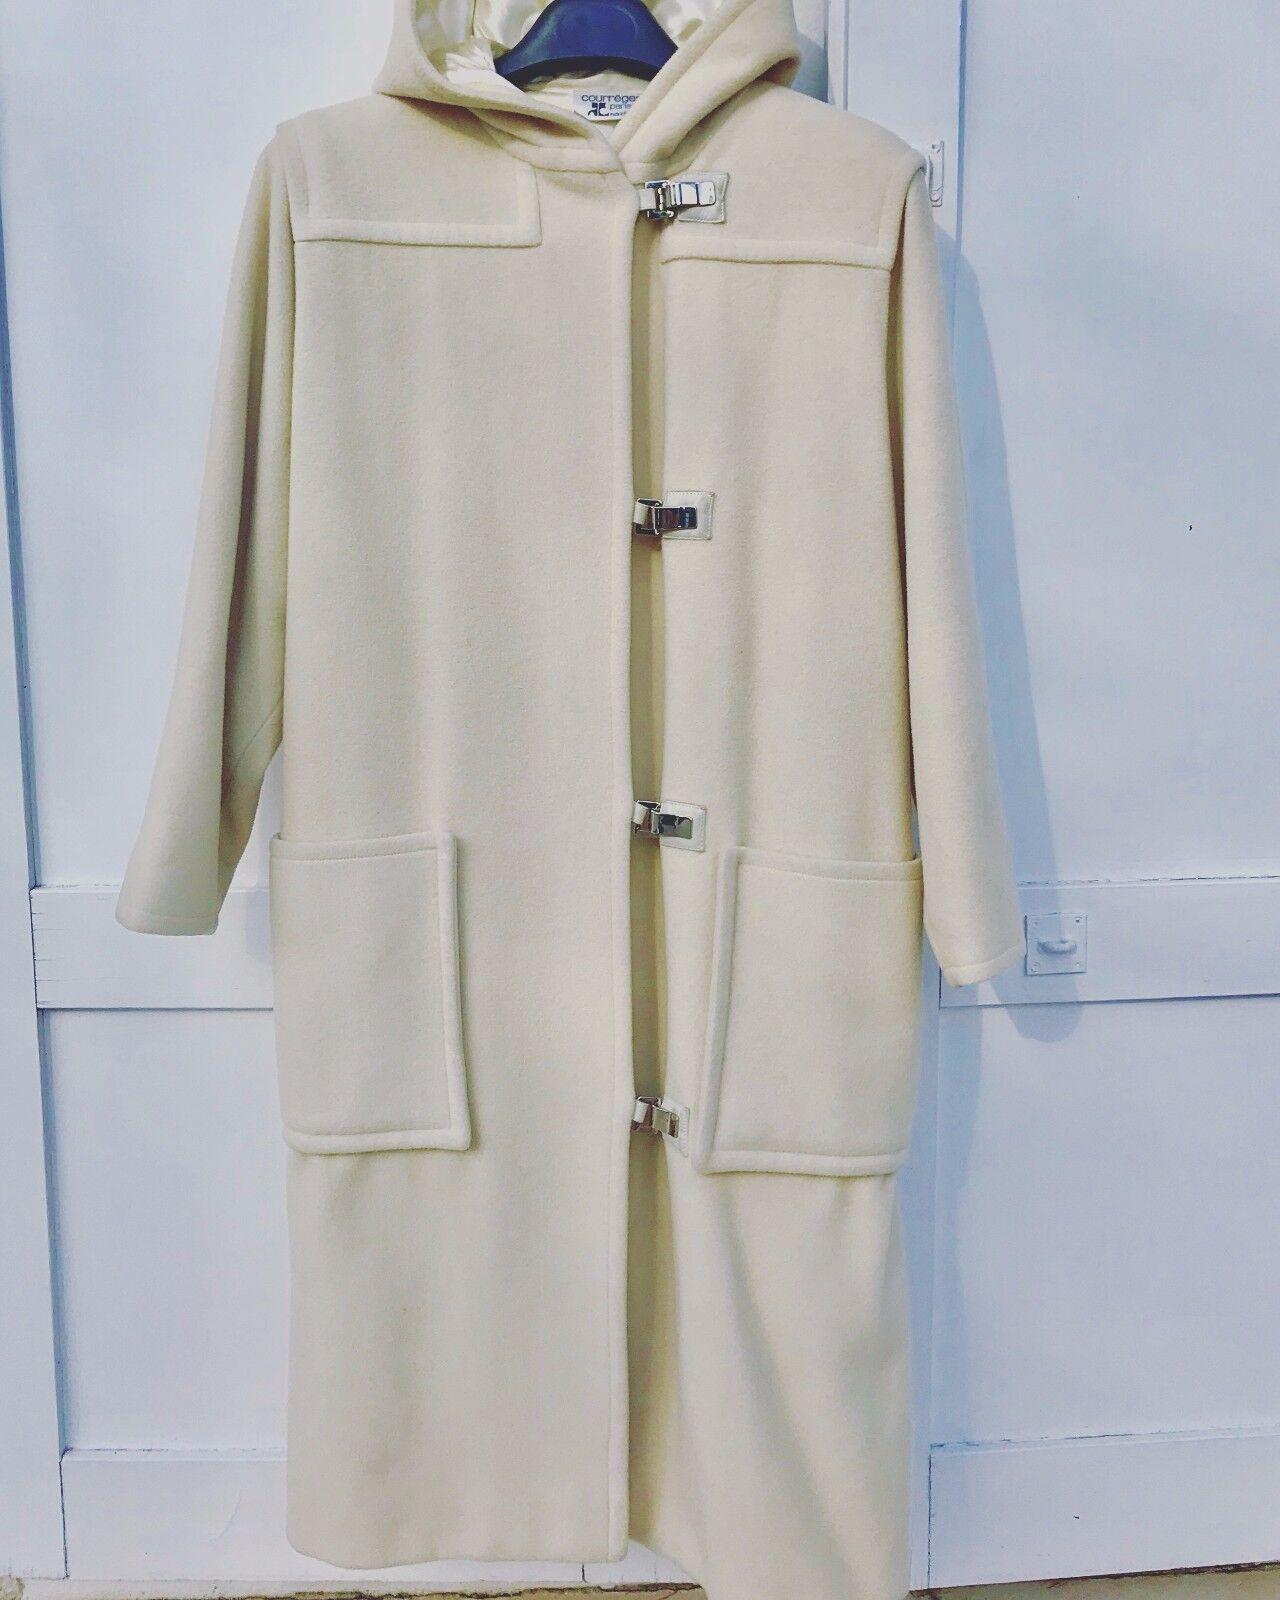 Manteau-duffle coat courreges oversize